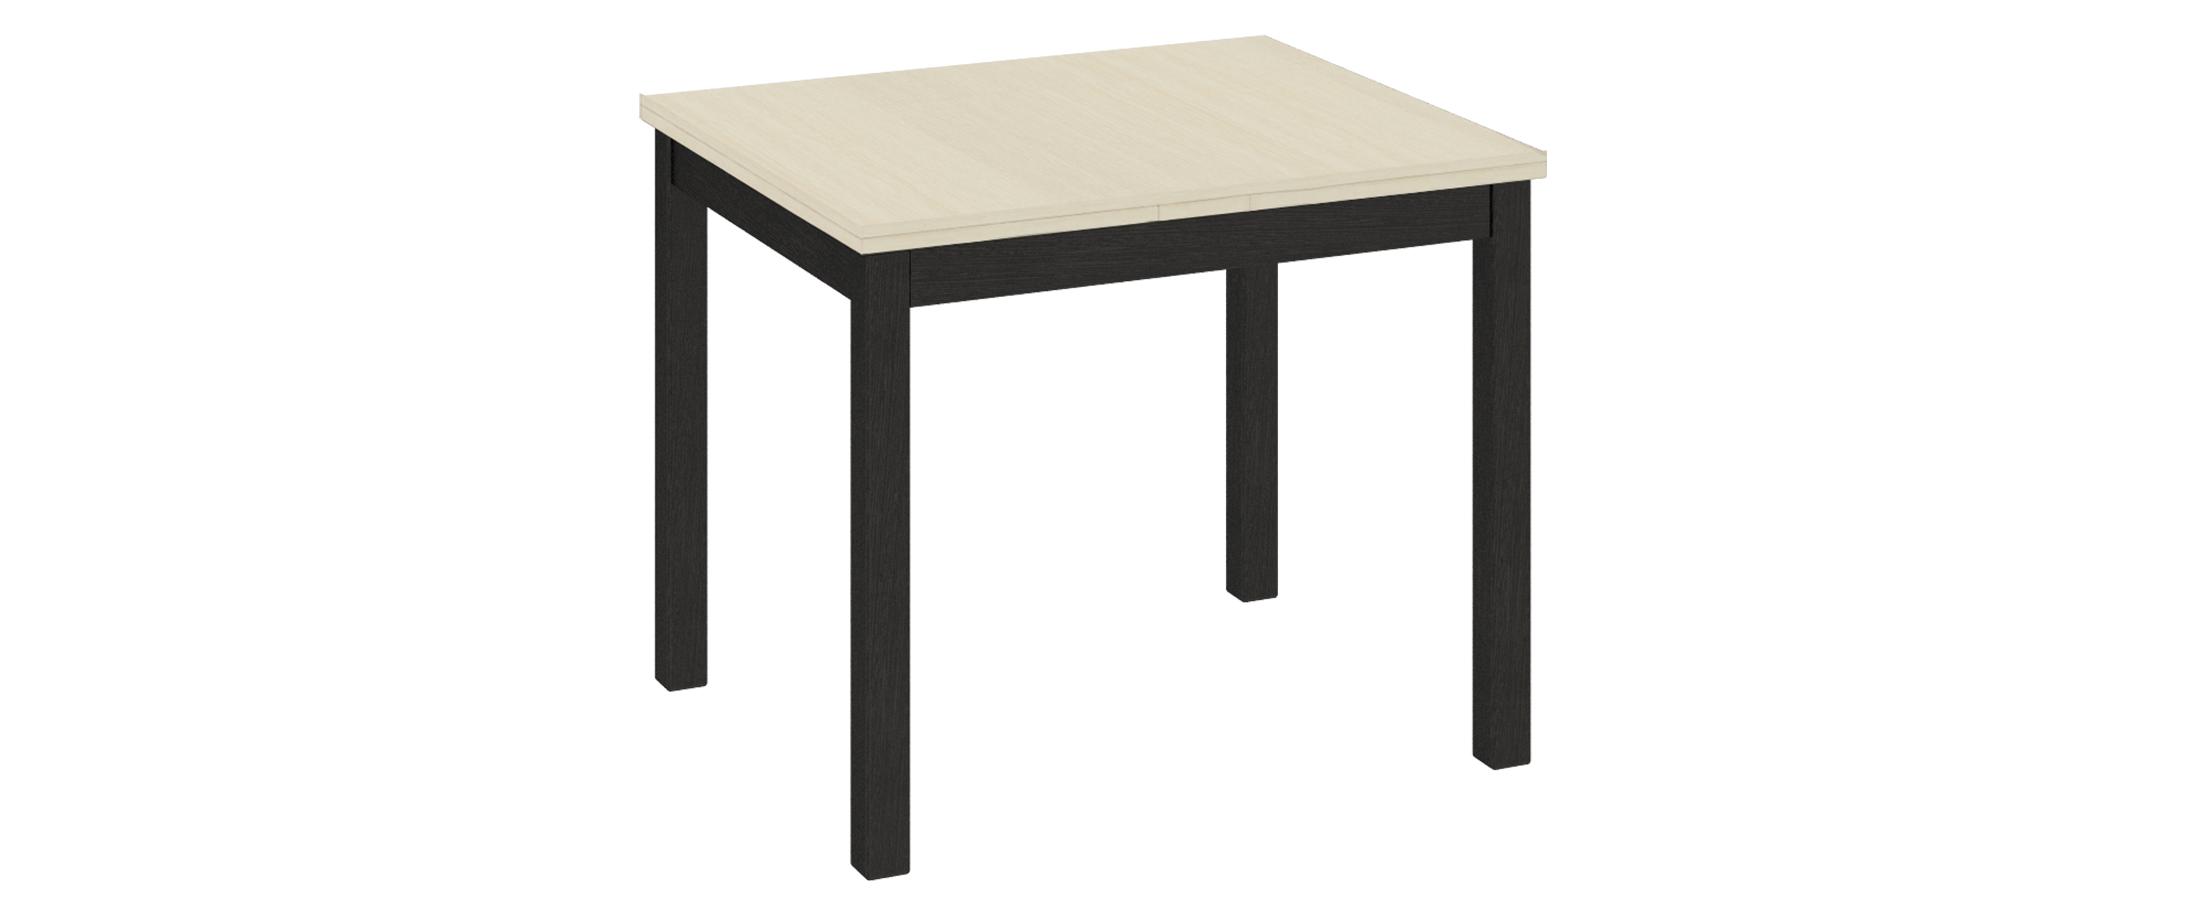 Стол обеденный Диез Т5 Модель 3038Благодаря своим компактным габаритам и контрастному исполнению, стол подойдет для небольших помещений. Гладкая поверхность стола приятна на ощупь и не требует особого ухода.<br>